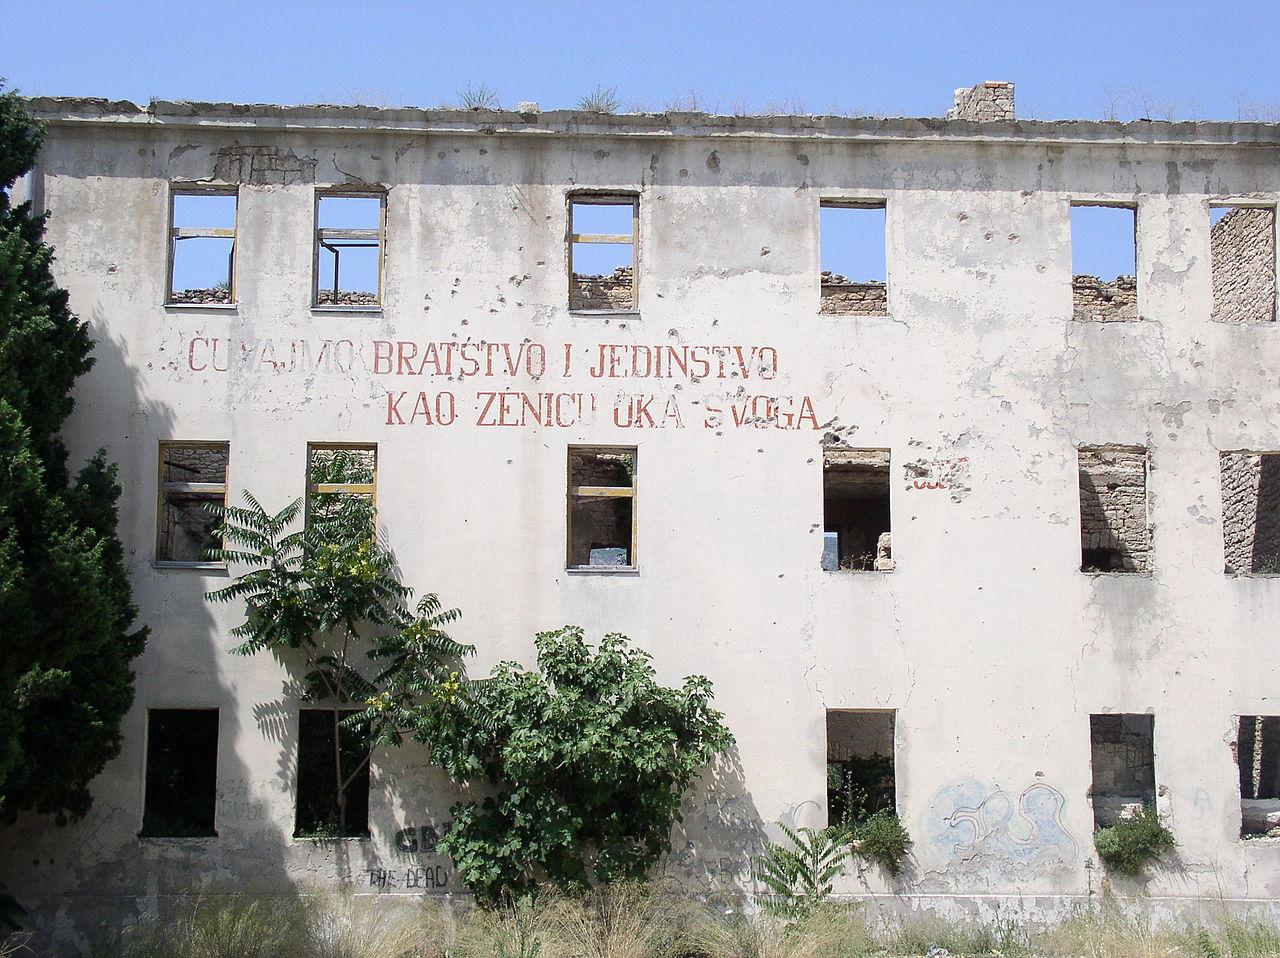 """Natpis """"Čuvajmo bratstvo i jedinstvo"""" na zgradi u Mostaru srušenoj tokom građanskog rata (Foto: Wikimedia/Antidiskriminator)"""